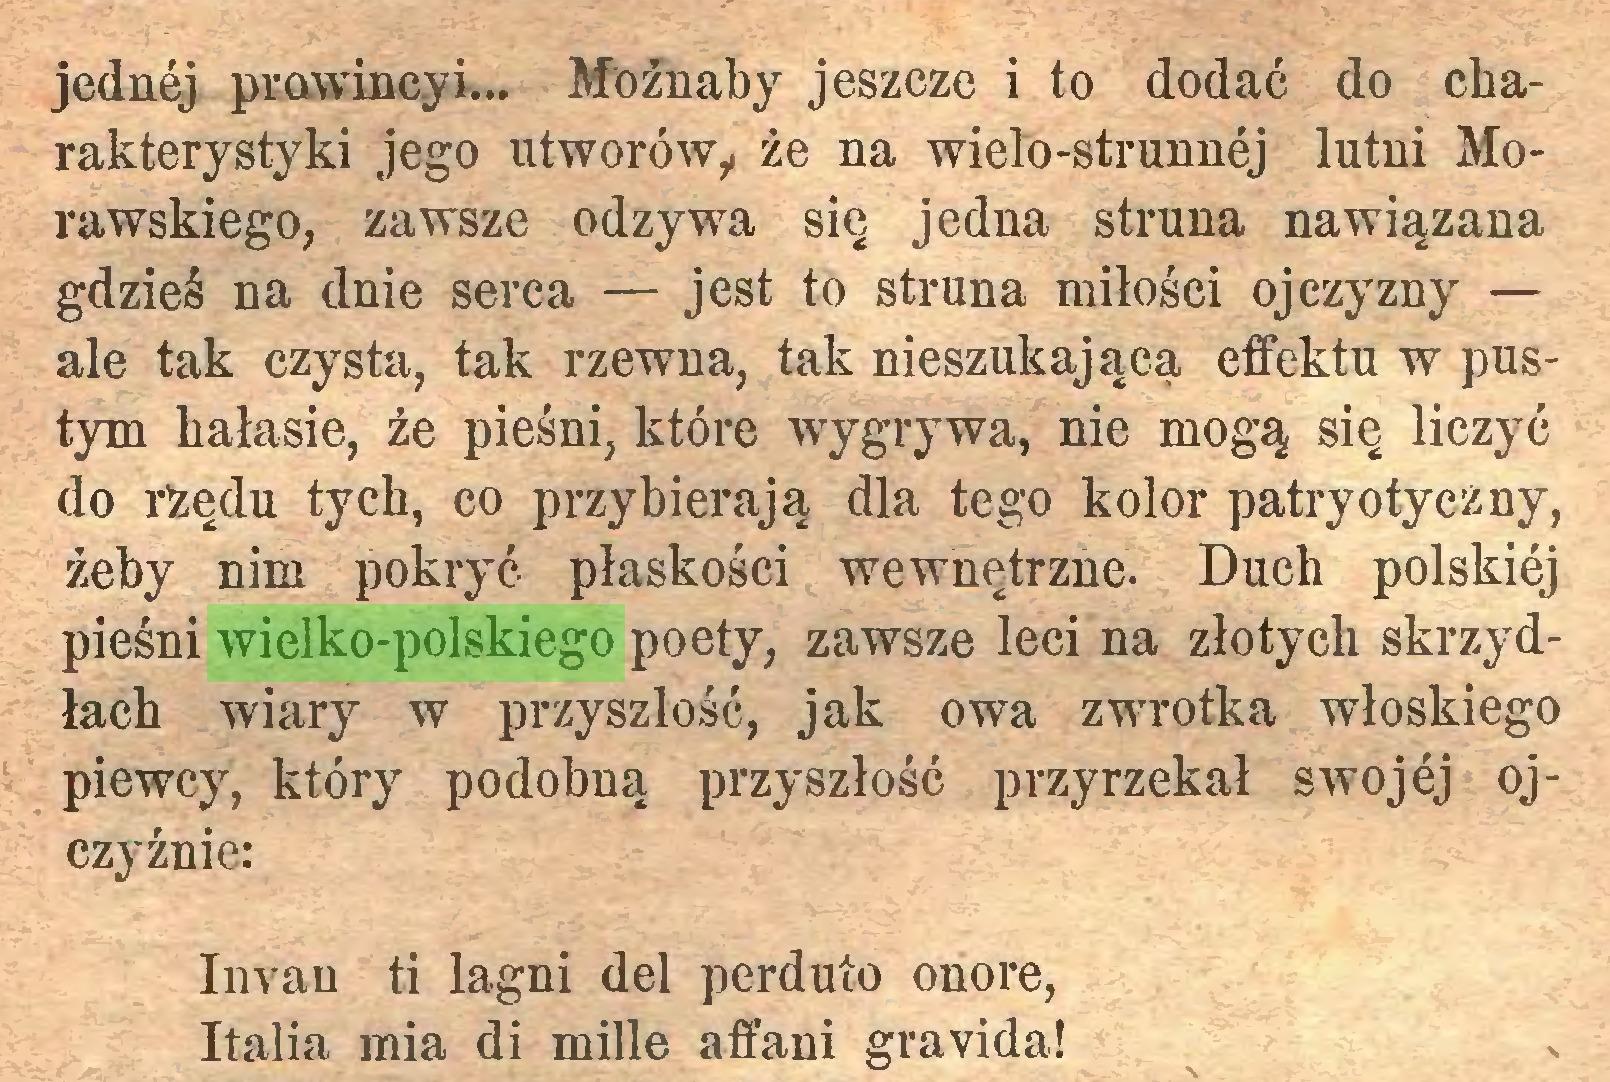 (...) jednej prowineyi... Możnaby jeszcze i to dodać do charakterystyki jego utworów, że na wielo-strunnej lutni Morawskiego, zawsze odzywa się jedna struna nawiązana gdzieś na dnie serca — jest to struna miłości ojczyzny — ale tak czysta, tak rzewna, tak nieszukającą effektu w pustym hałasie, że pieśni, które wygrywa, nie mogą się liczyć do rżędu tych, co przybierają dla tego kolor patryotyczny, żeby nim pokryć płaskości wewnętrzne. Duch polskiej pieśni wielko-polskiego poety, zawsze leci na złotych skrzydłach wiary w przyszłość, jak owa zwrotka włoskiego piewcy, który podobną przyszłość przyrzekał swojej ojczyźnie: Invan ti lagni del perduío onore, Italia mia di mille affani grávida!...